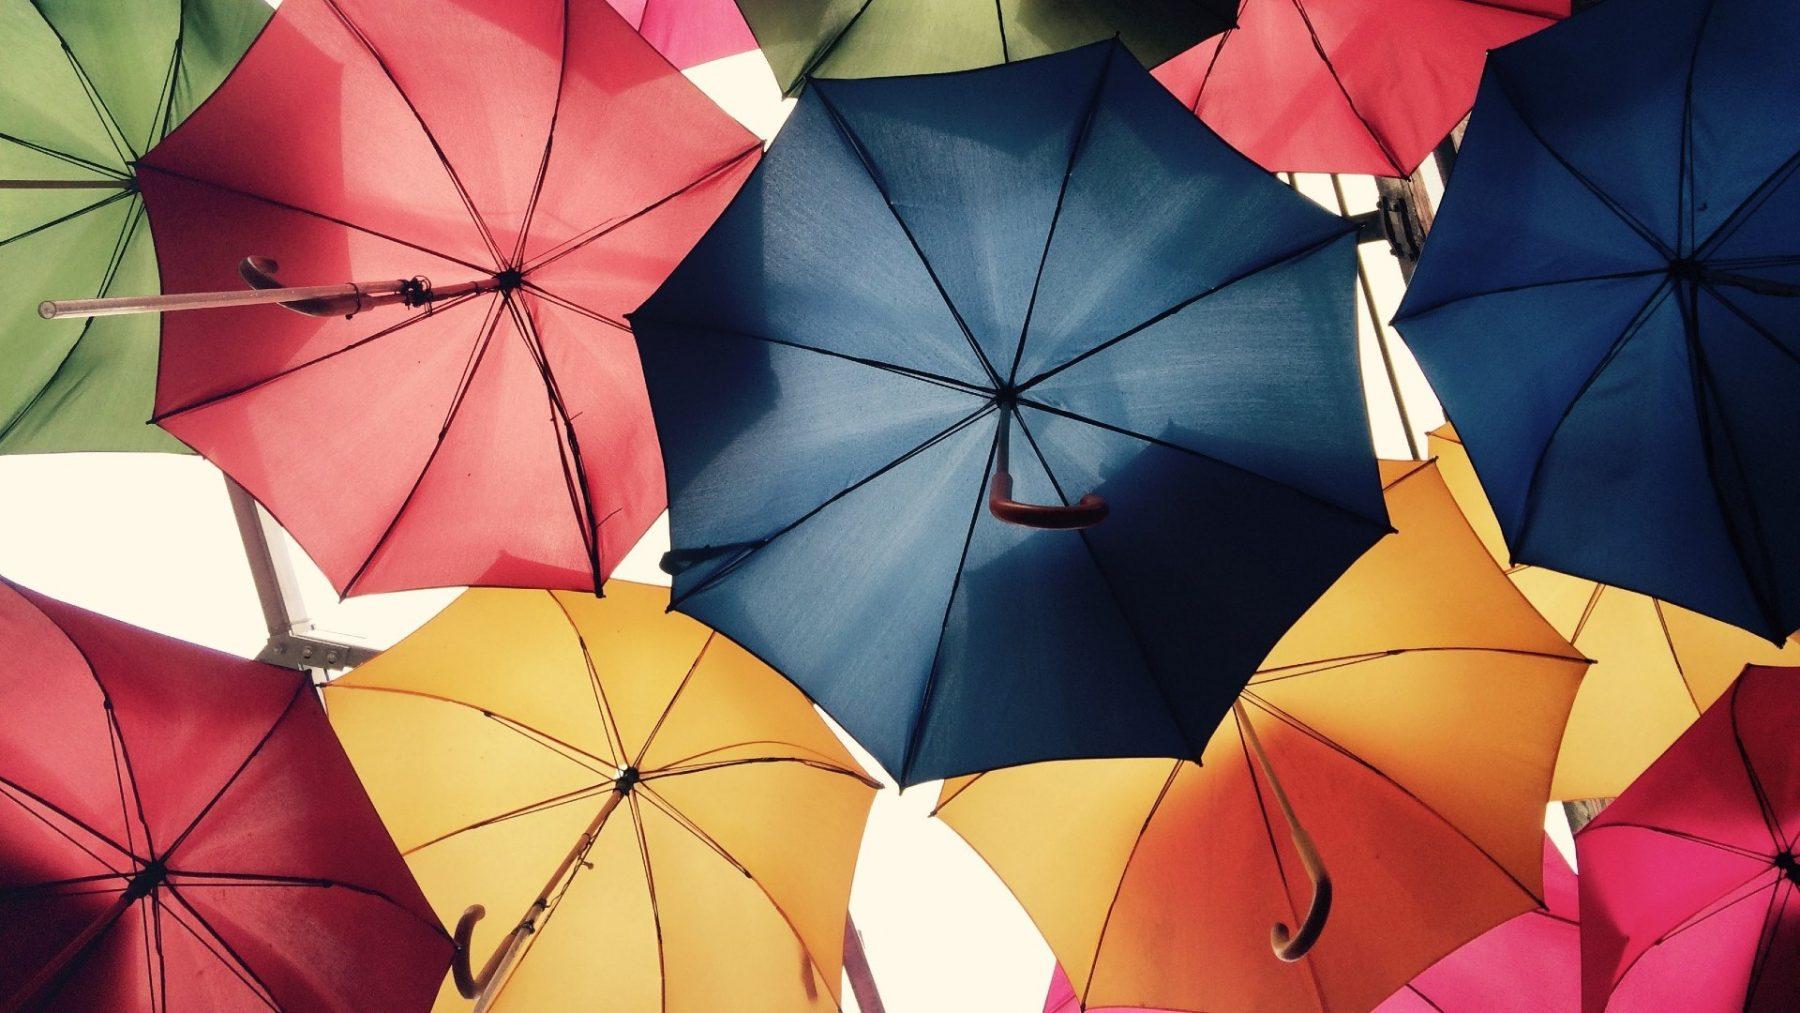 Het weer is deze week wisselvallig en vrijdag wordt het (helaas) onstuimig